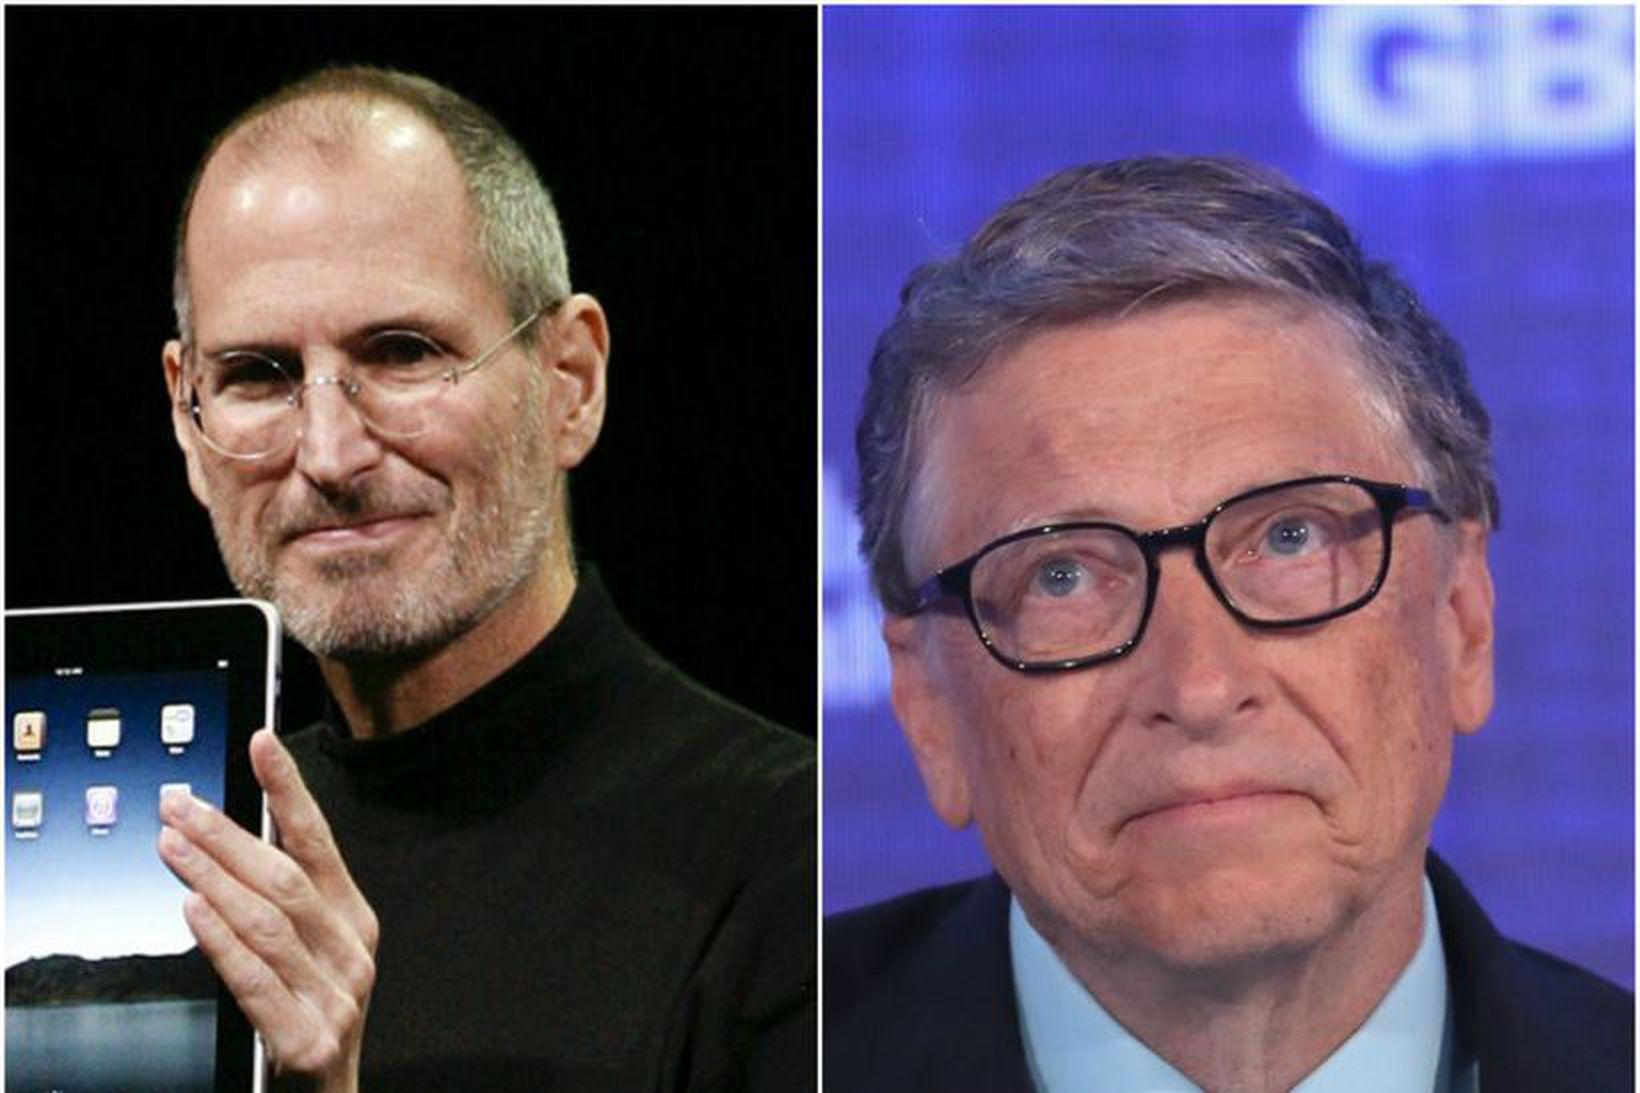 Þeir Steve Jobs og Bill Gates pössuðu upp á að …